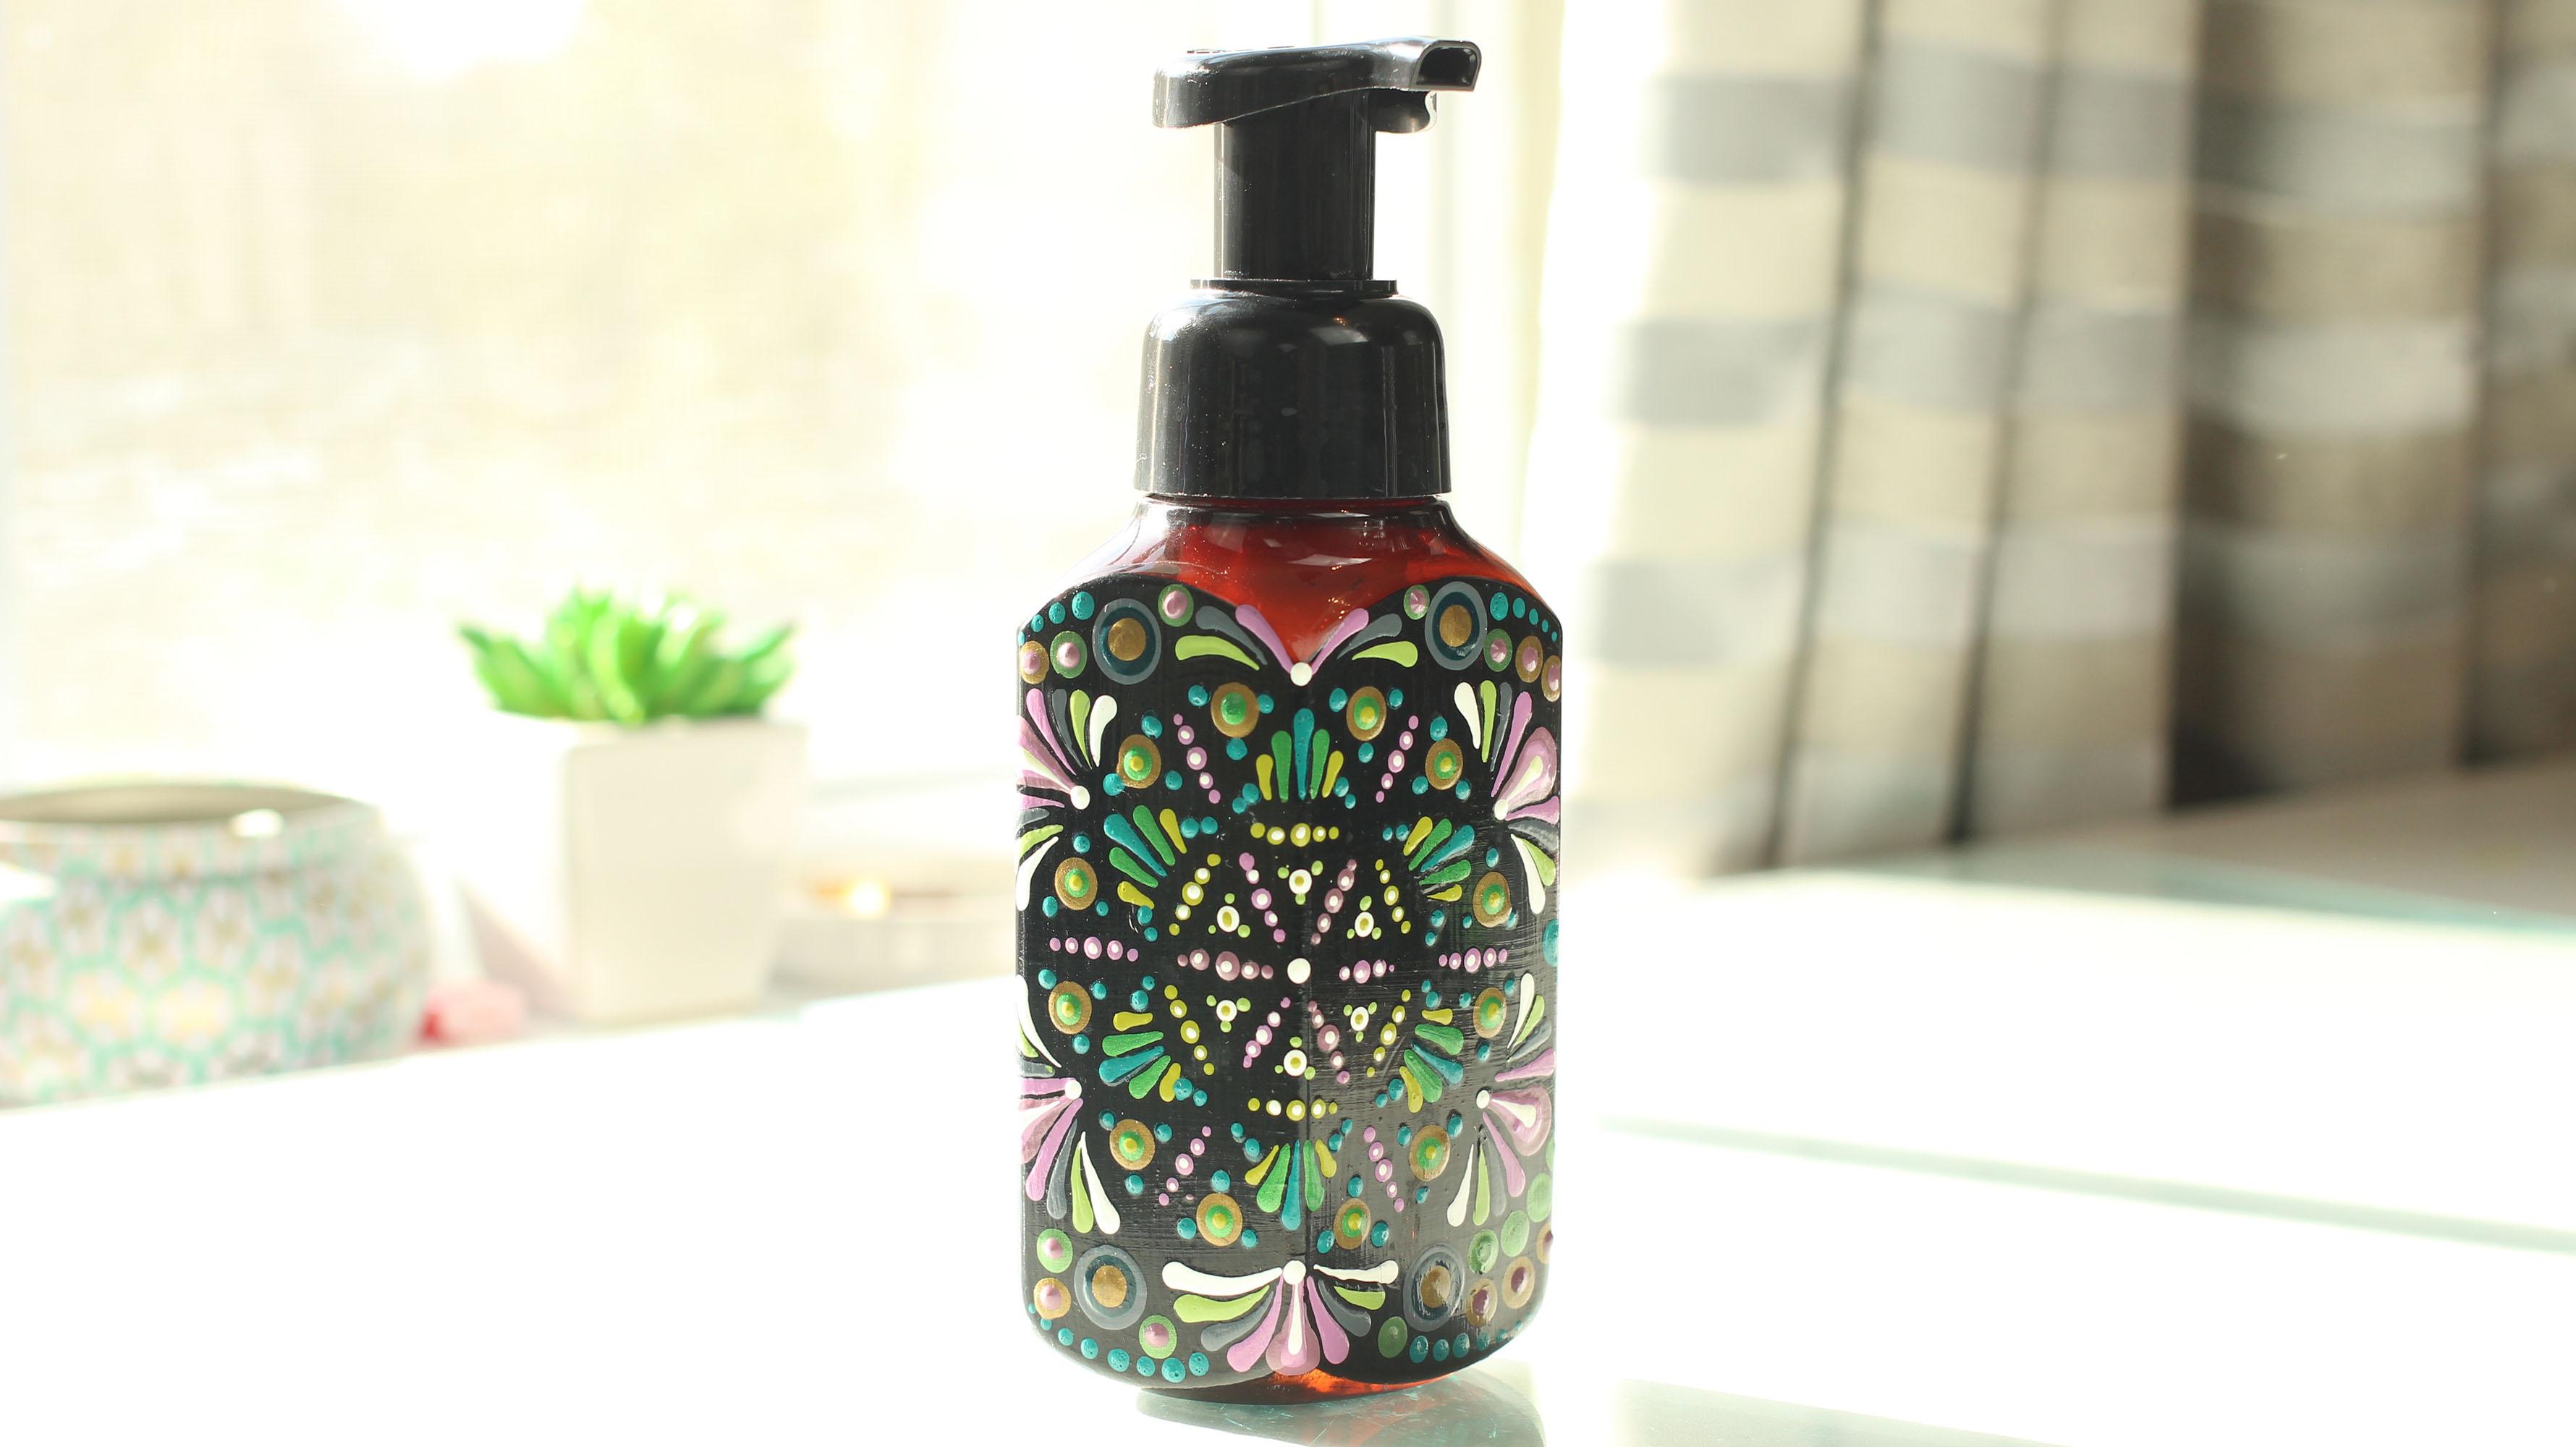 Upcycled Art – Foaming Soap Dispenser